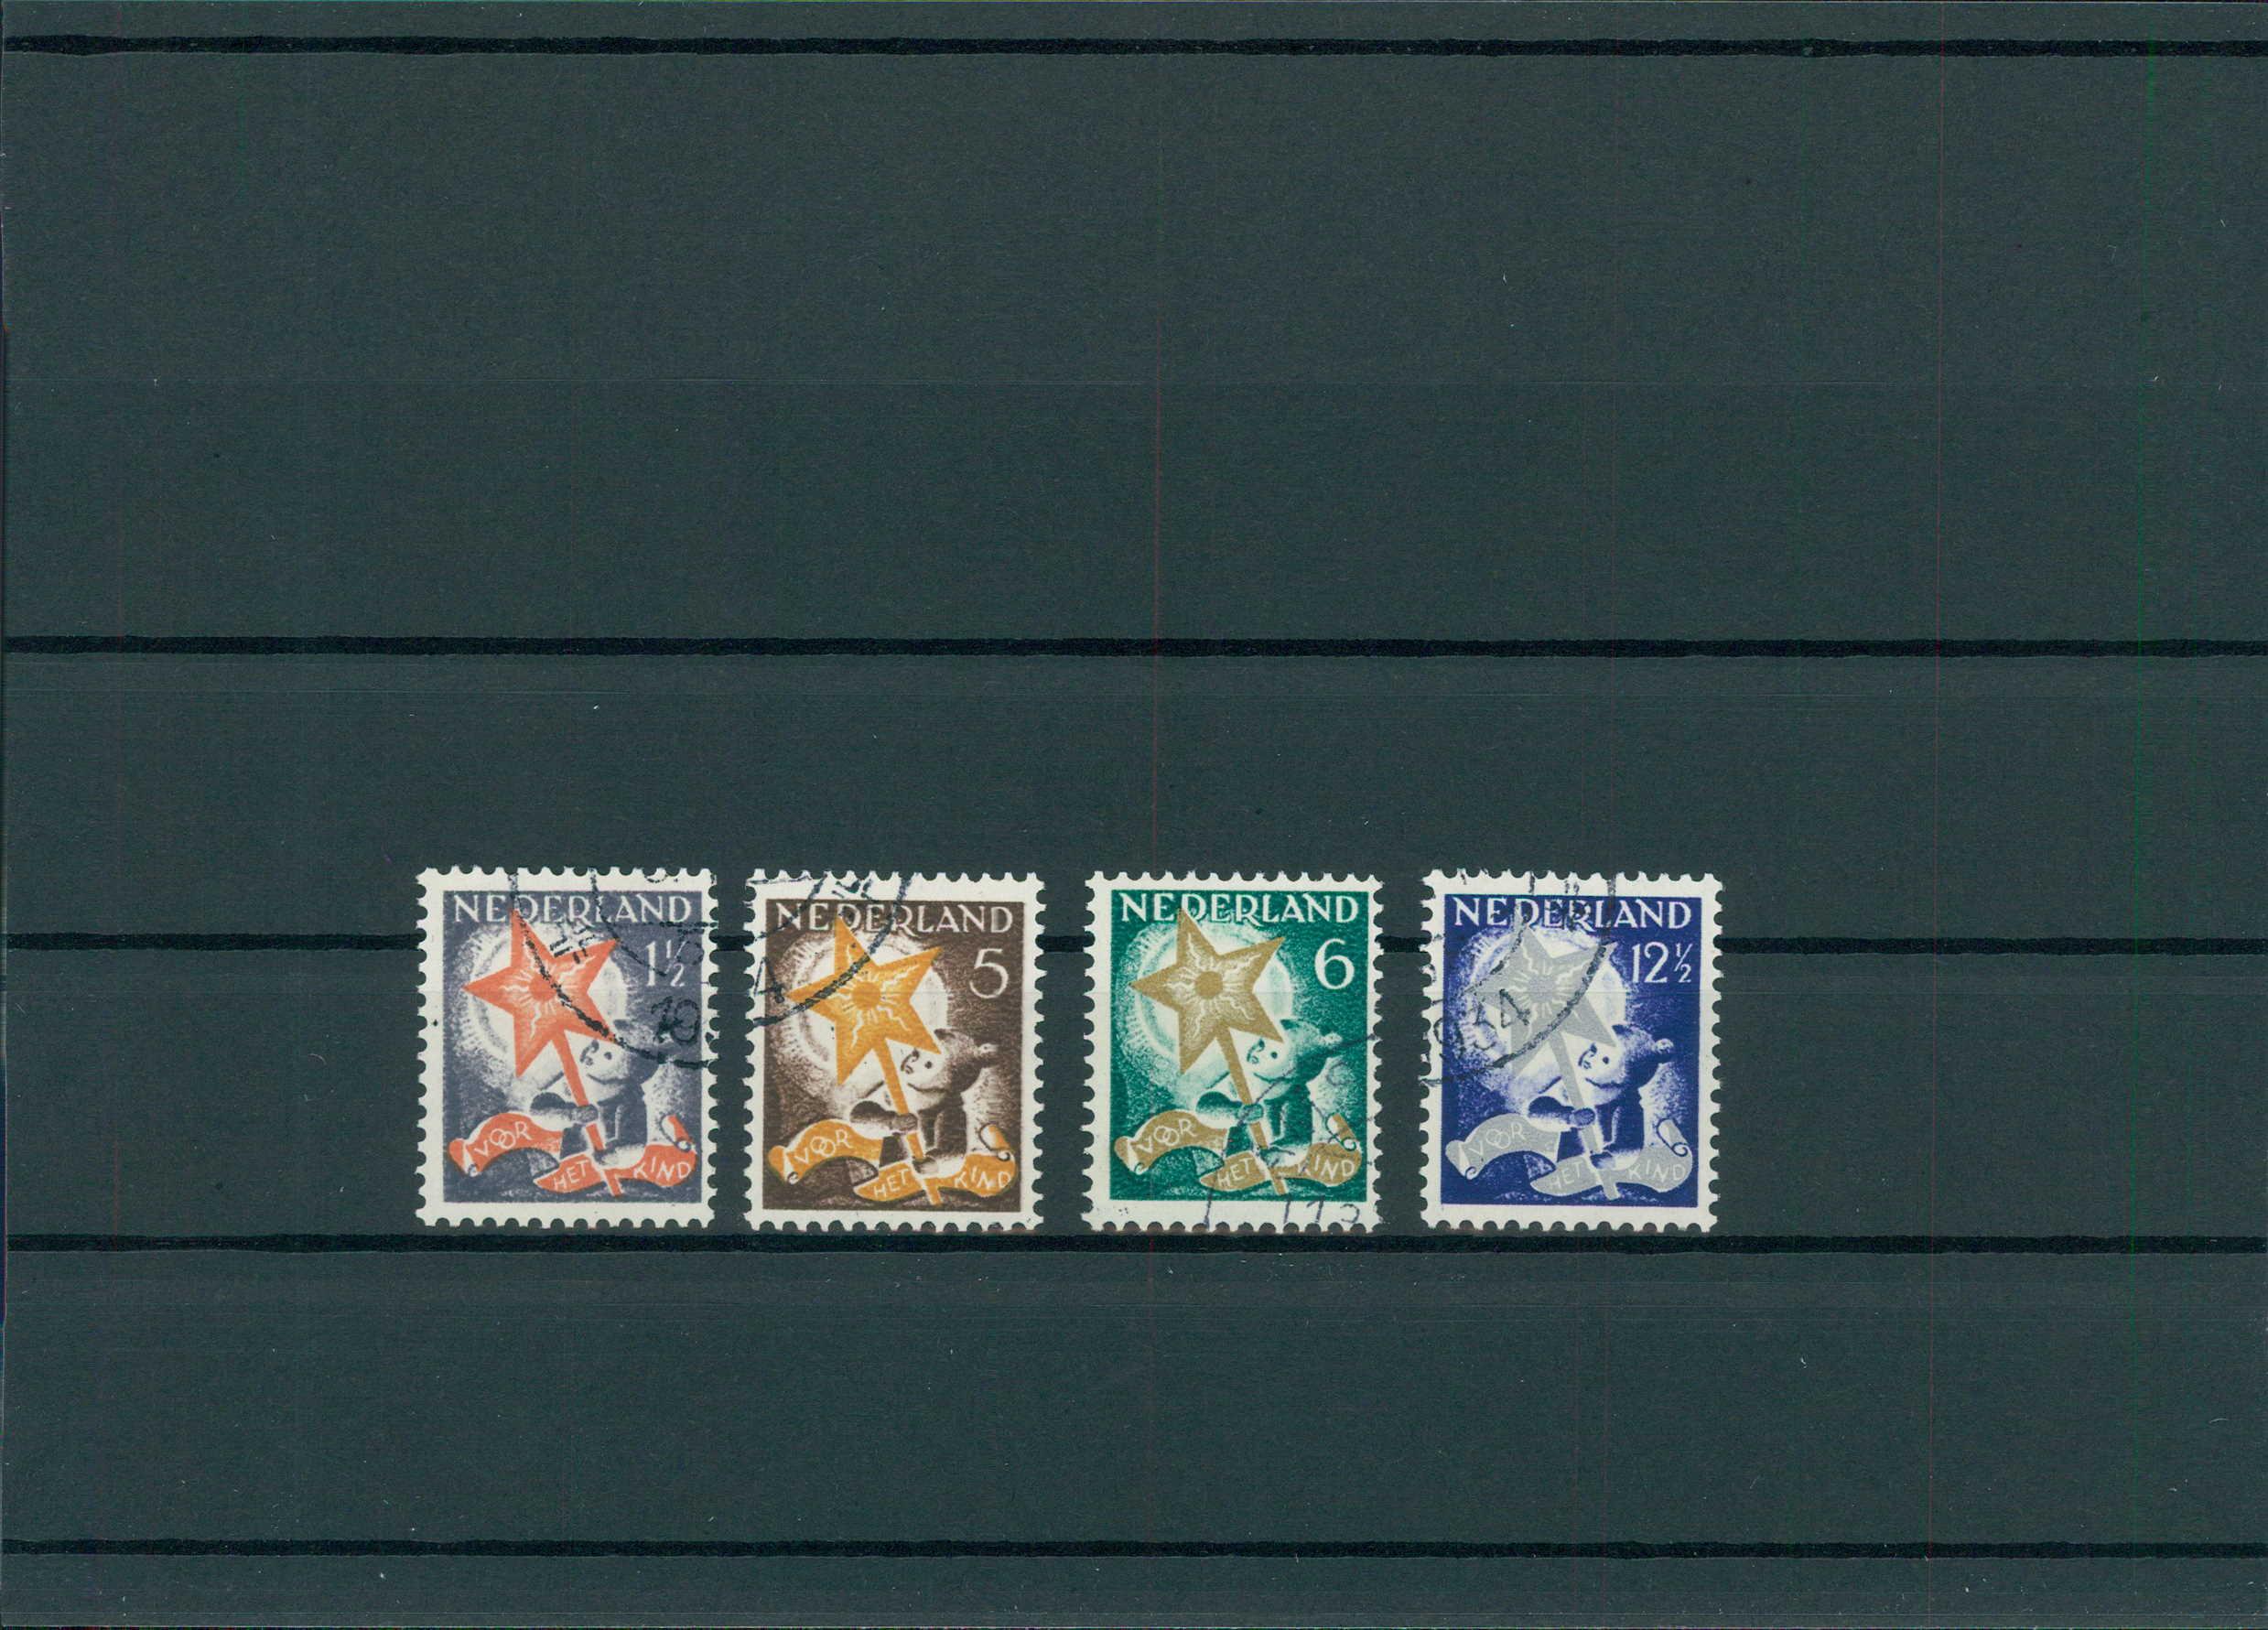 1607 Niederlande & Kolonien Europa Humor Niederlande 1997 Postfrisch Kleinbogen Satz Minr